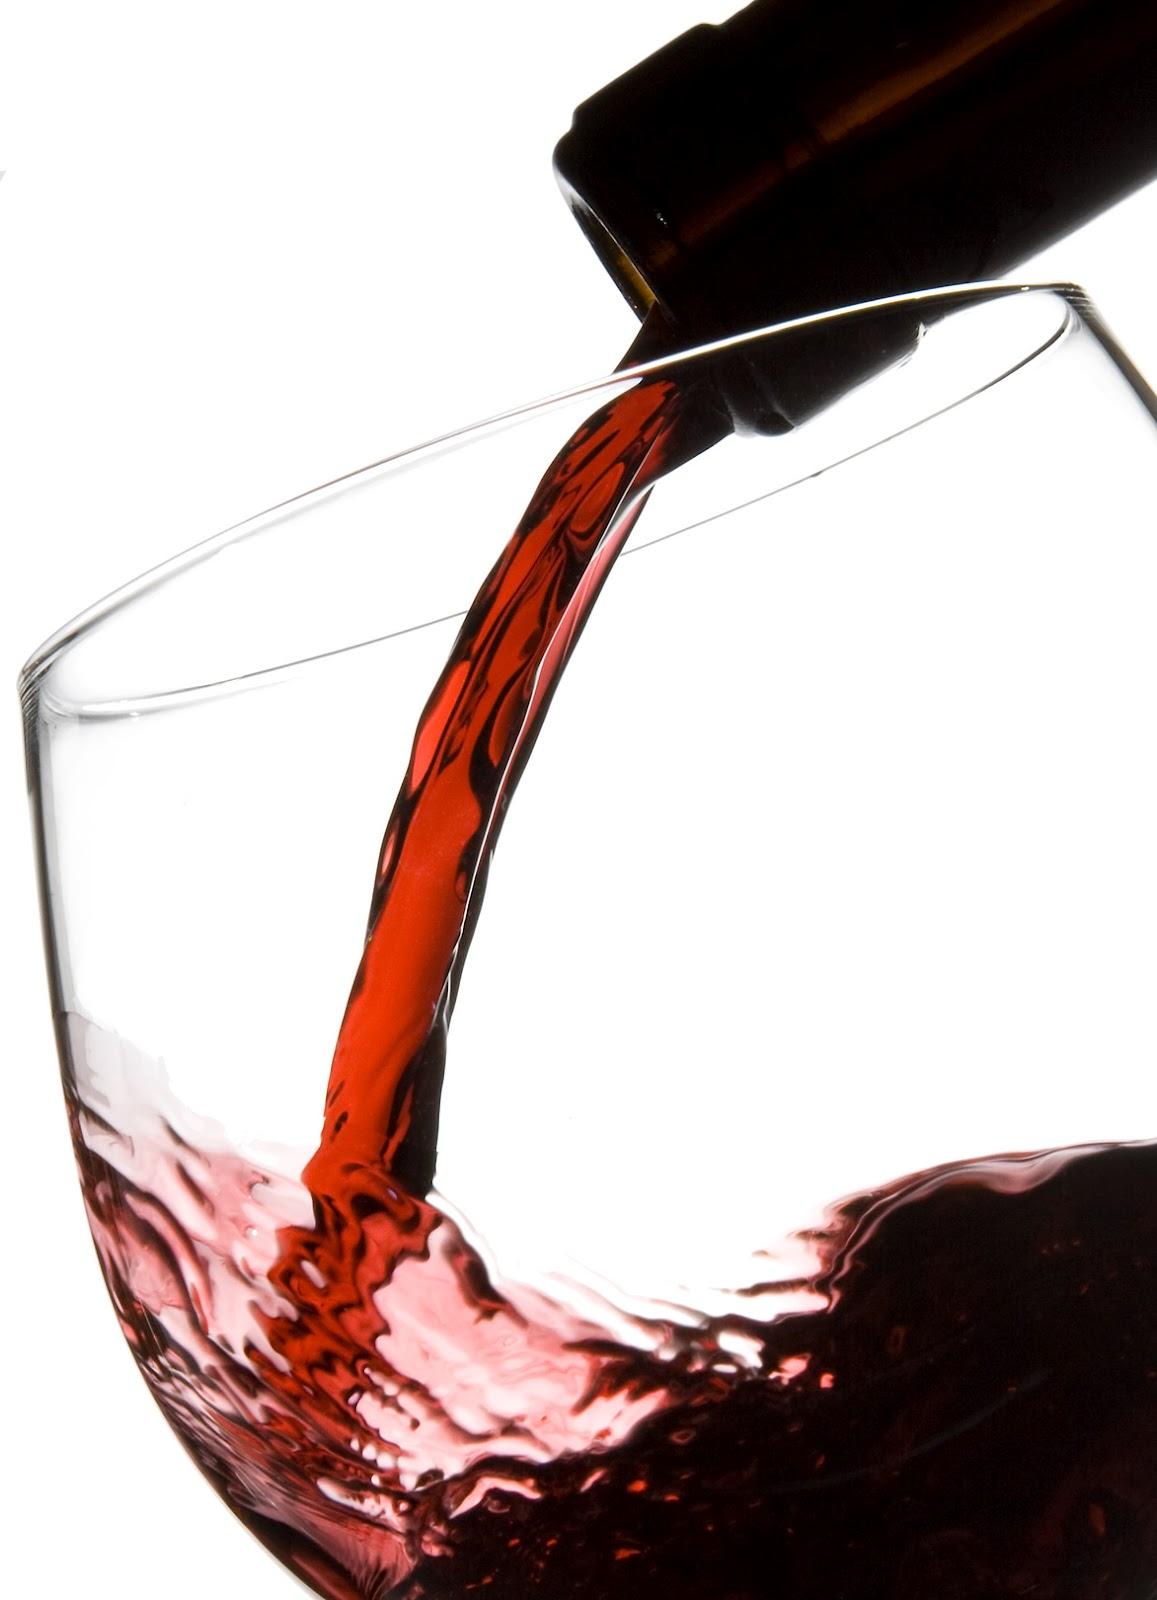 Achat vin : je choisis le meilleur cru